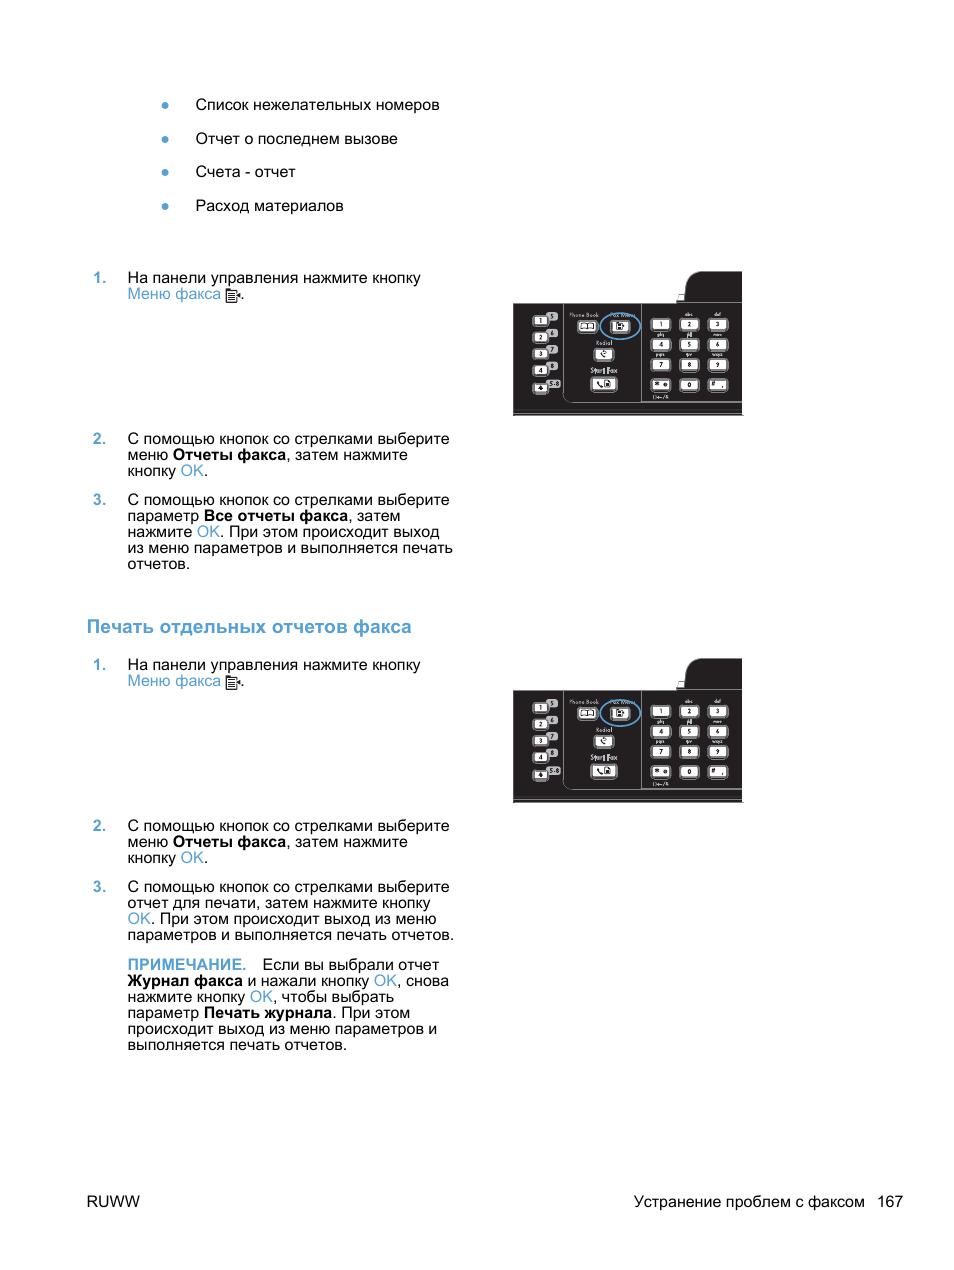 Печать отдельных отчетов факса Инструкция по эксплуатации HP LaserJet Pro M1536dnf MFP SERIES Страница 181 / 322 Оригинал